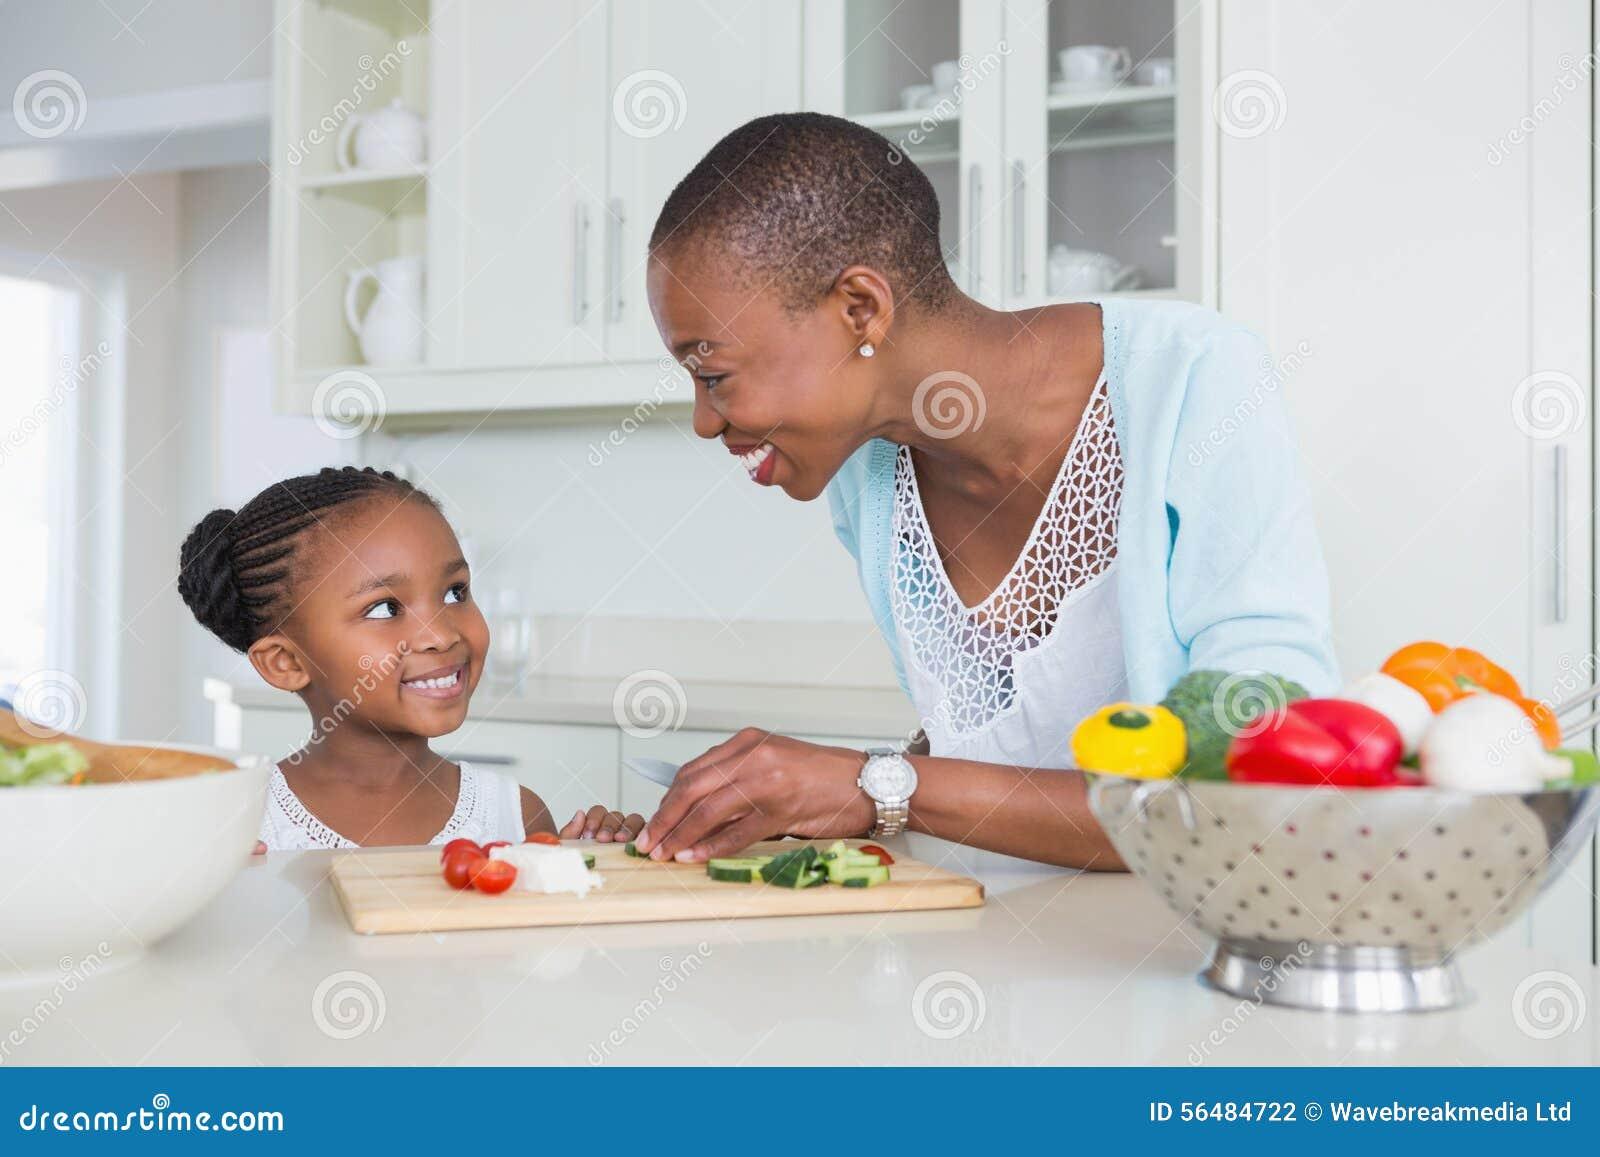 Mère et fille faisant une salade ensemble